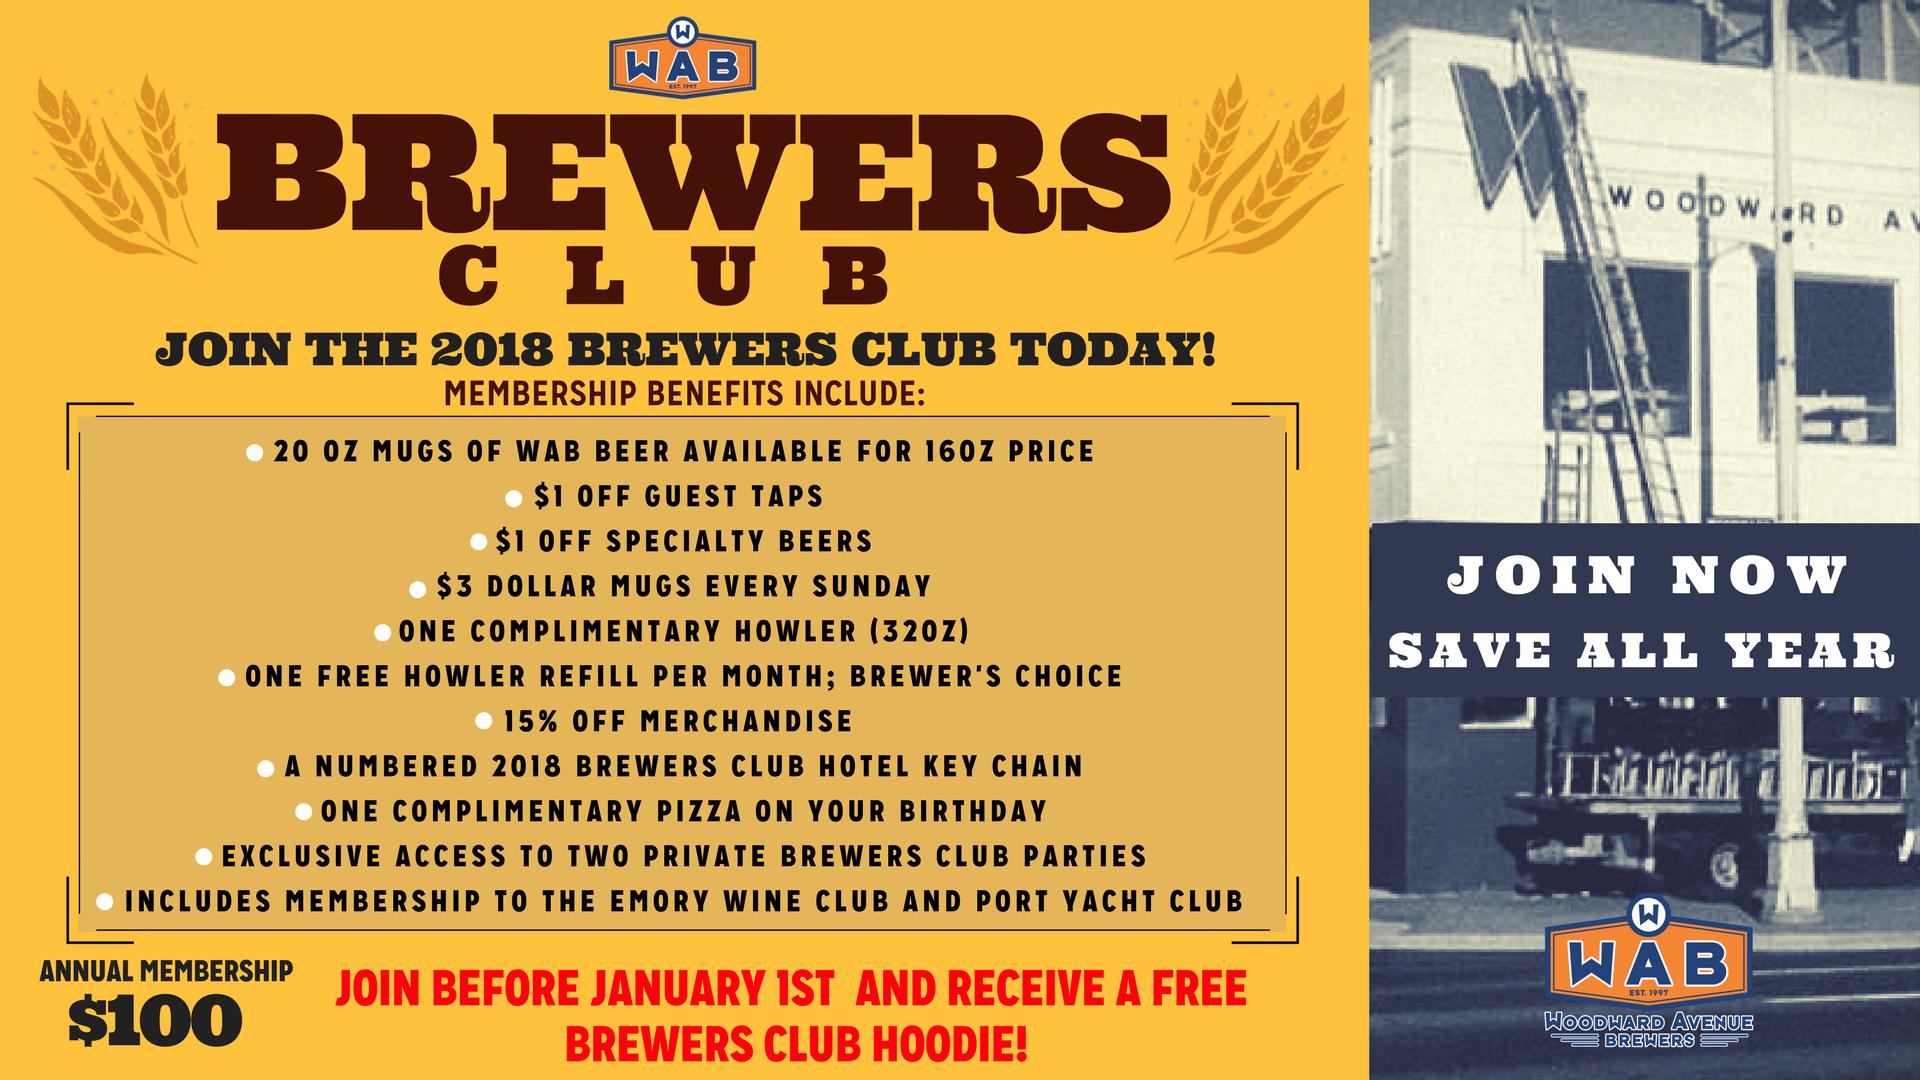 WAB Brewers Club 2018